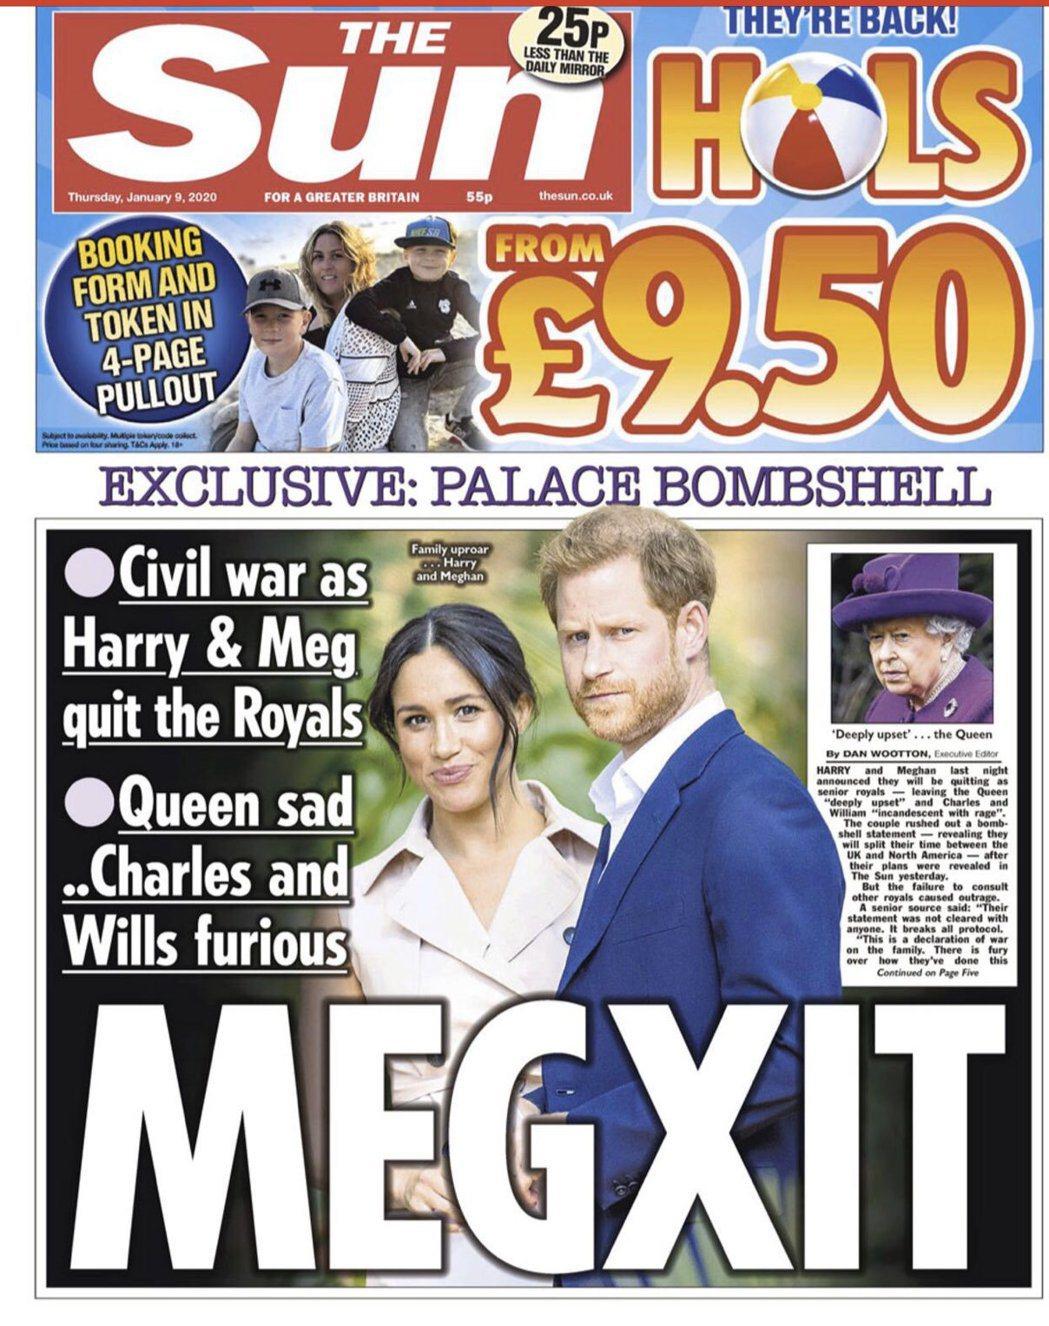 英國媒體打出大大的「Megxit」,作為哈利、梅根主動宣告要卸下皇室重要成員身分...